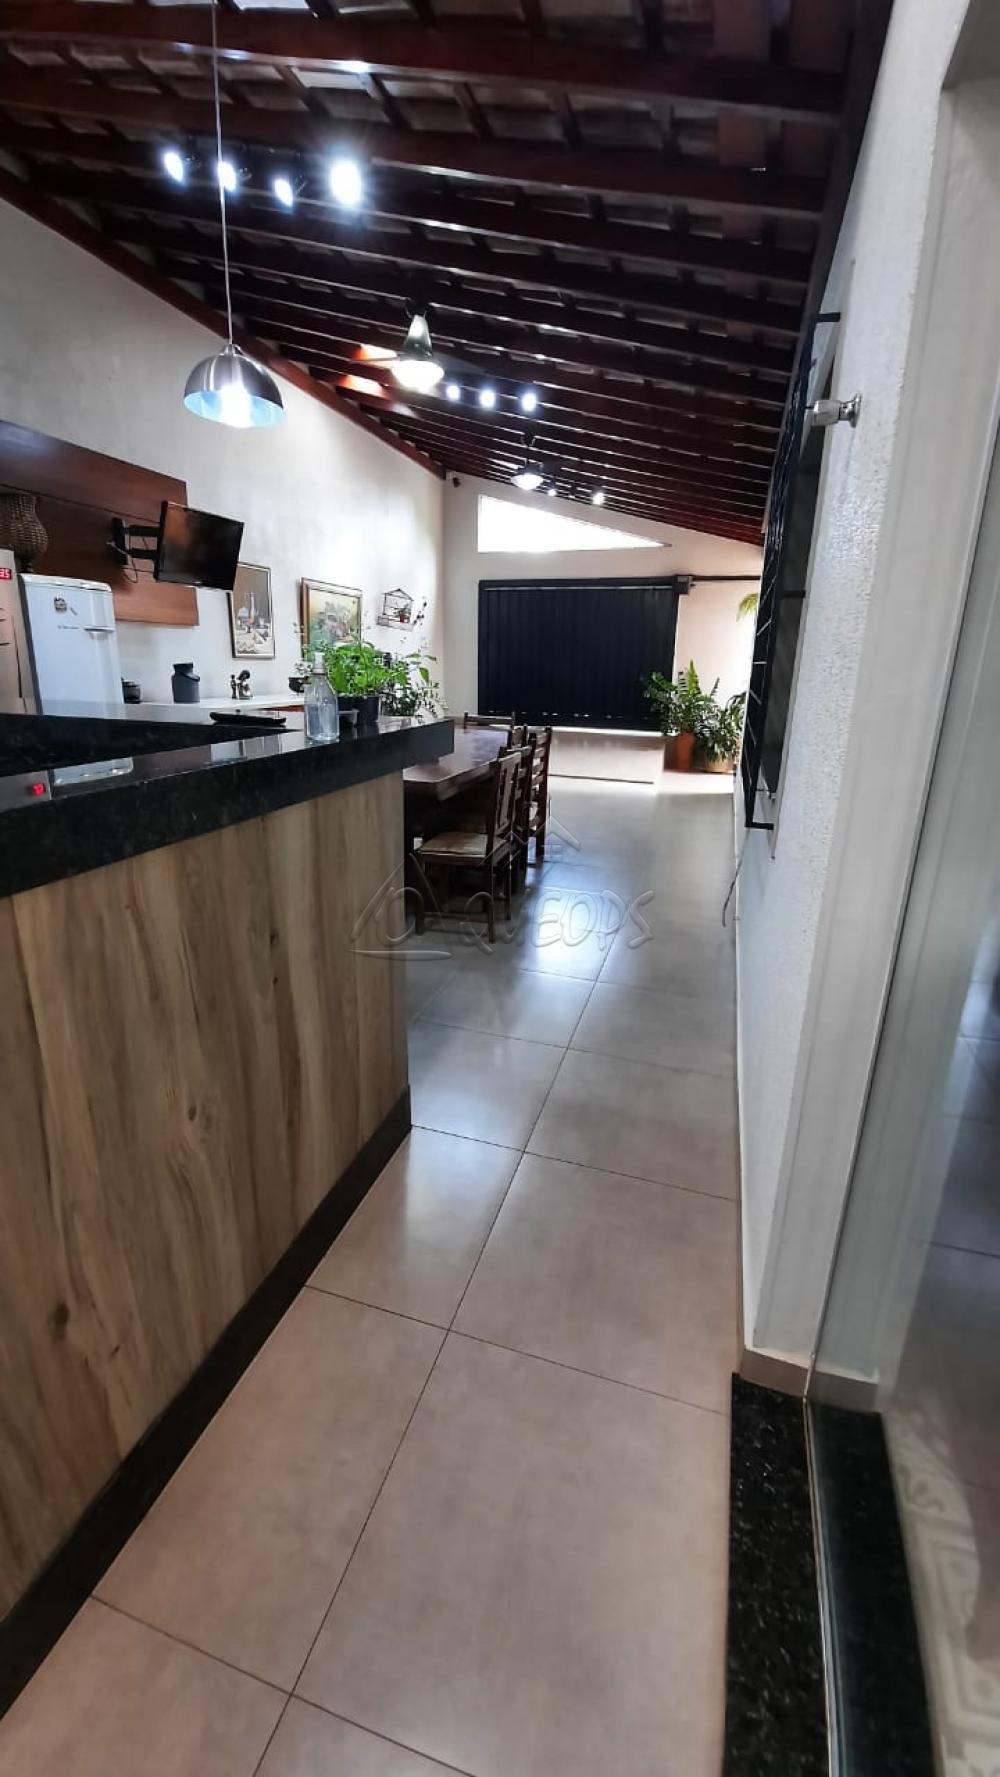 Comprar Casa / Padrão em Barretos apenas R$ 500.000,00 - Foto 32